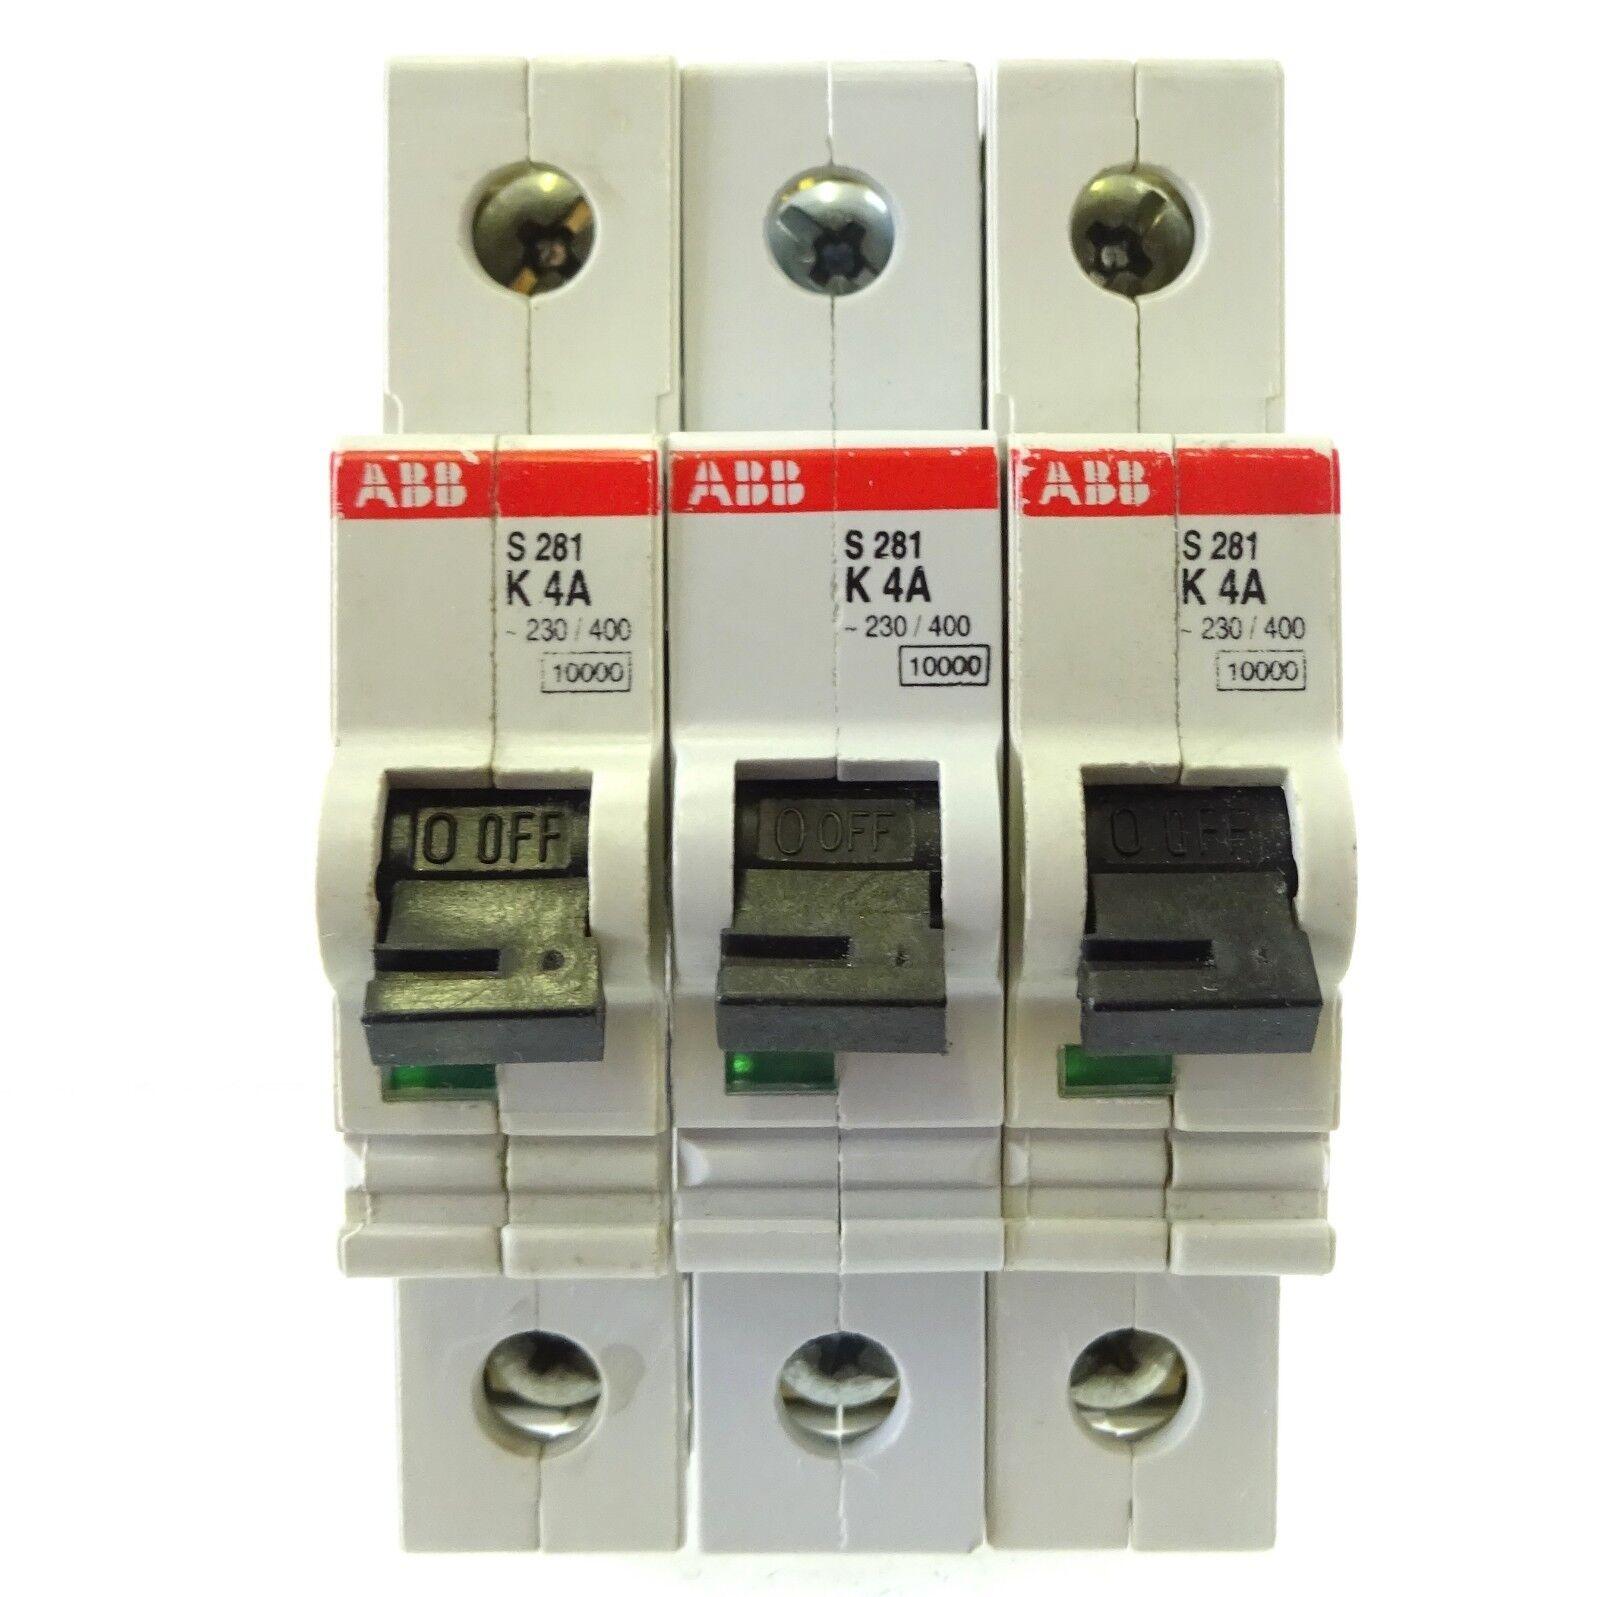 ABB S272 Sicherungsautomat  K4 A Leitungsschutzschalter 2 pol   Inkl Rechnung